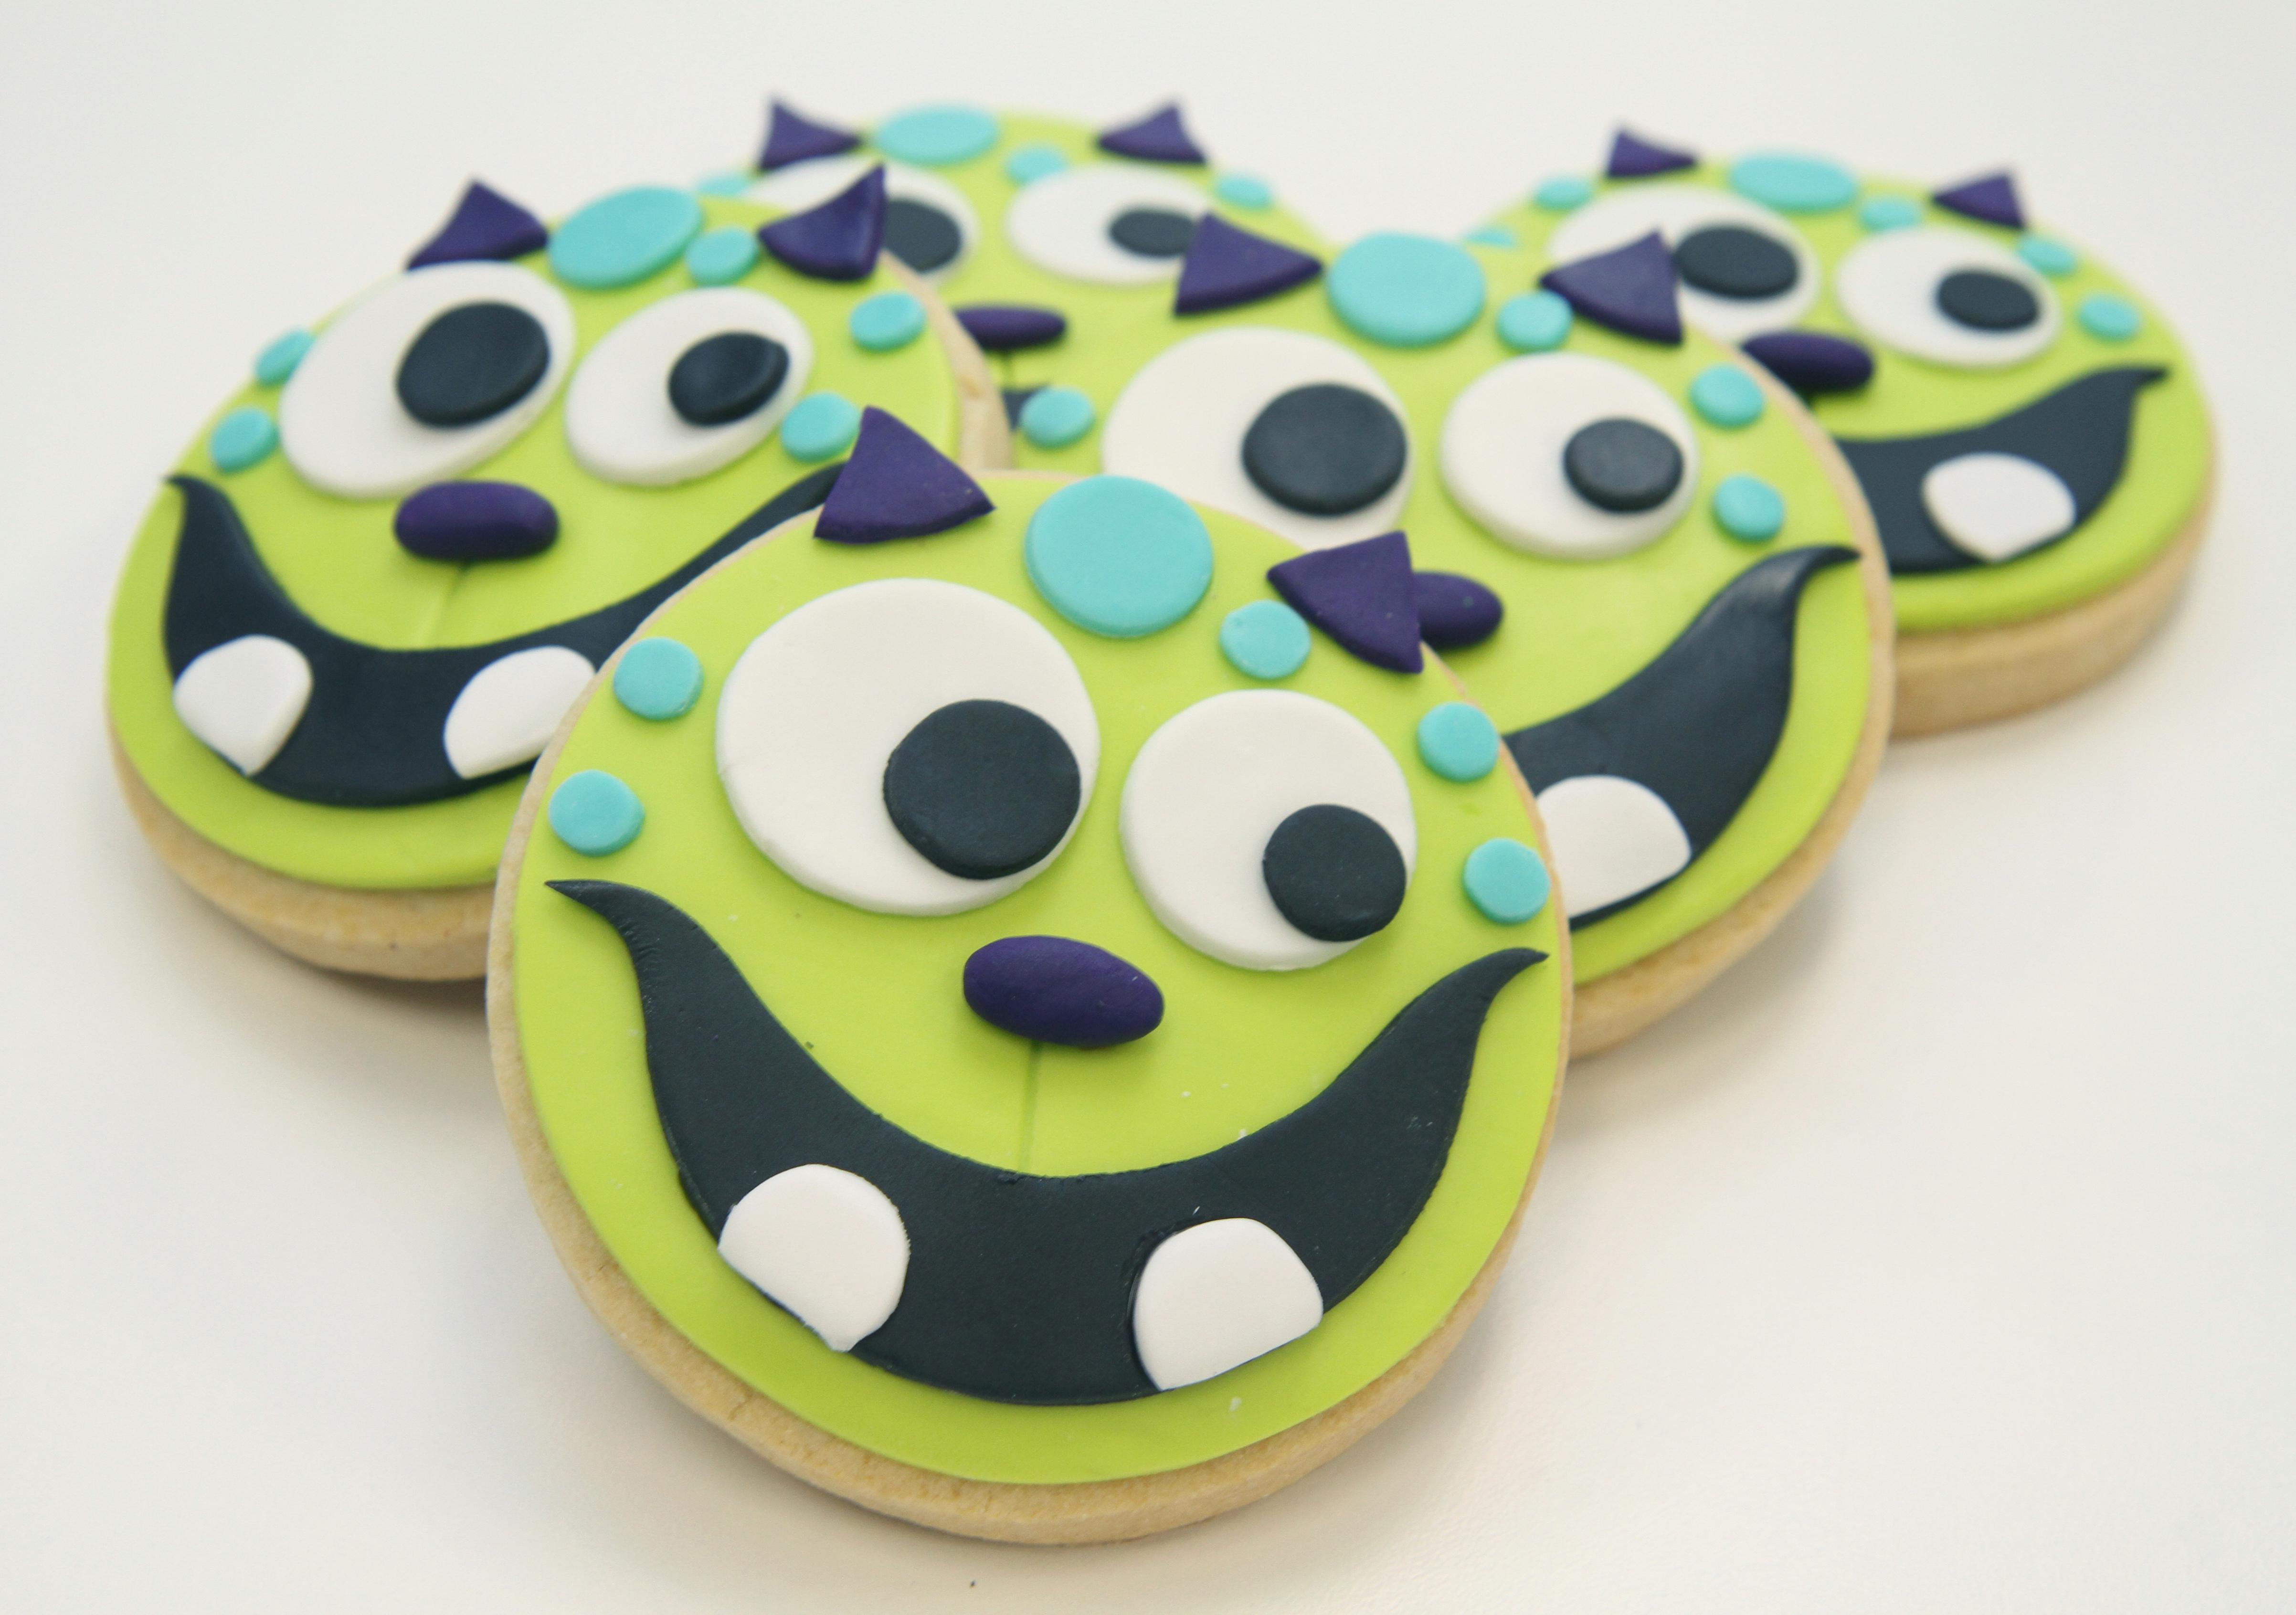 Monster-Cookie-final-shot-1.jpg#asset:13791